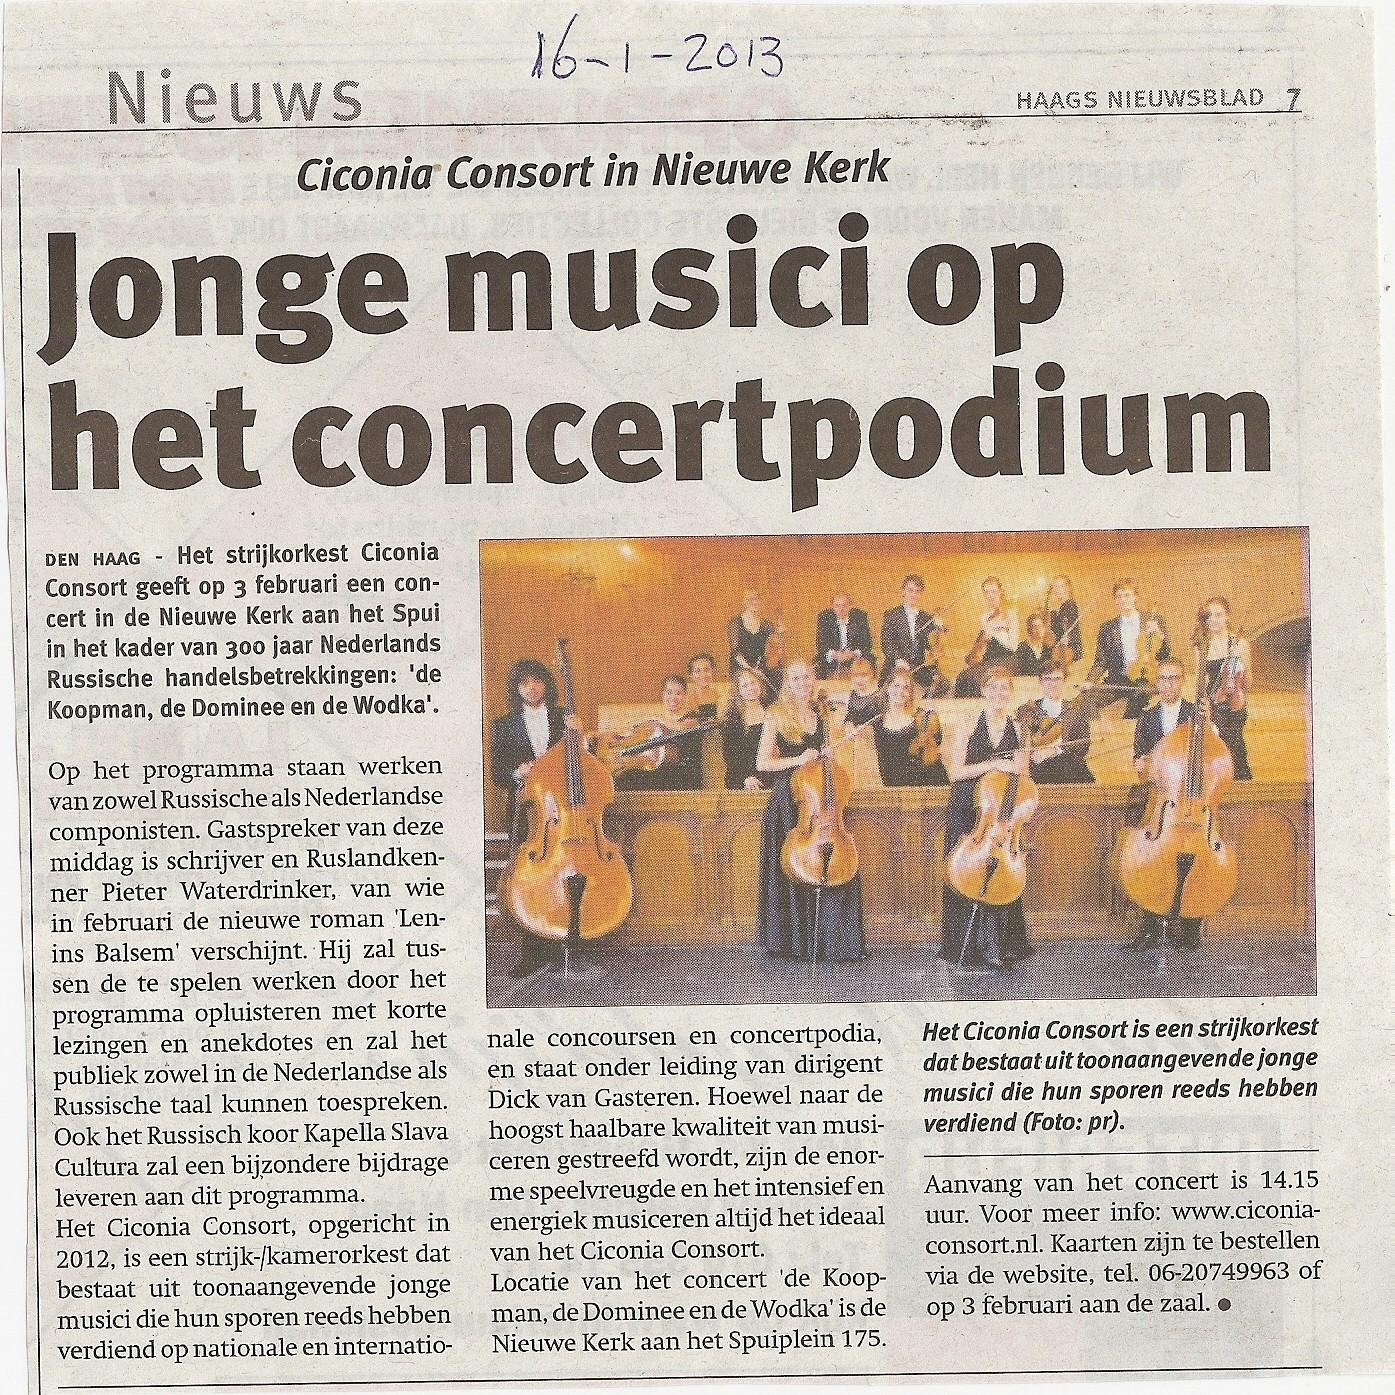 Artikel in het Haags NIeuwsblad, 16 januari 2013